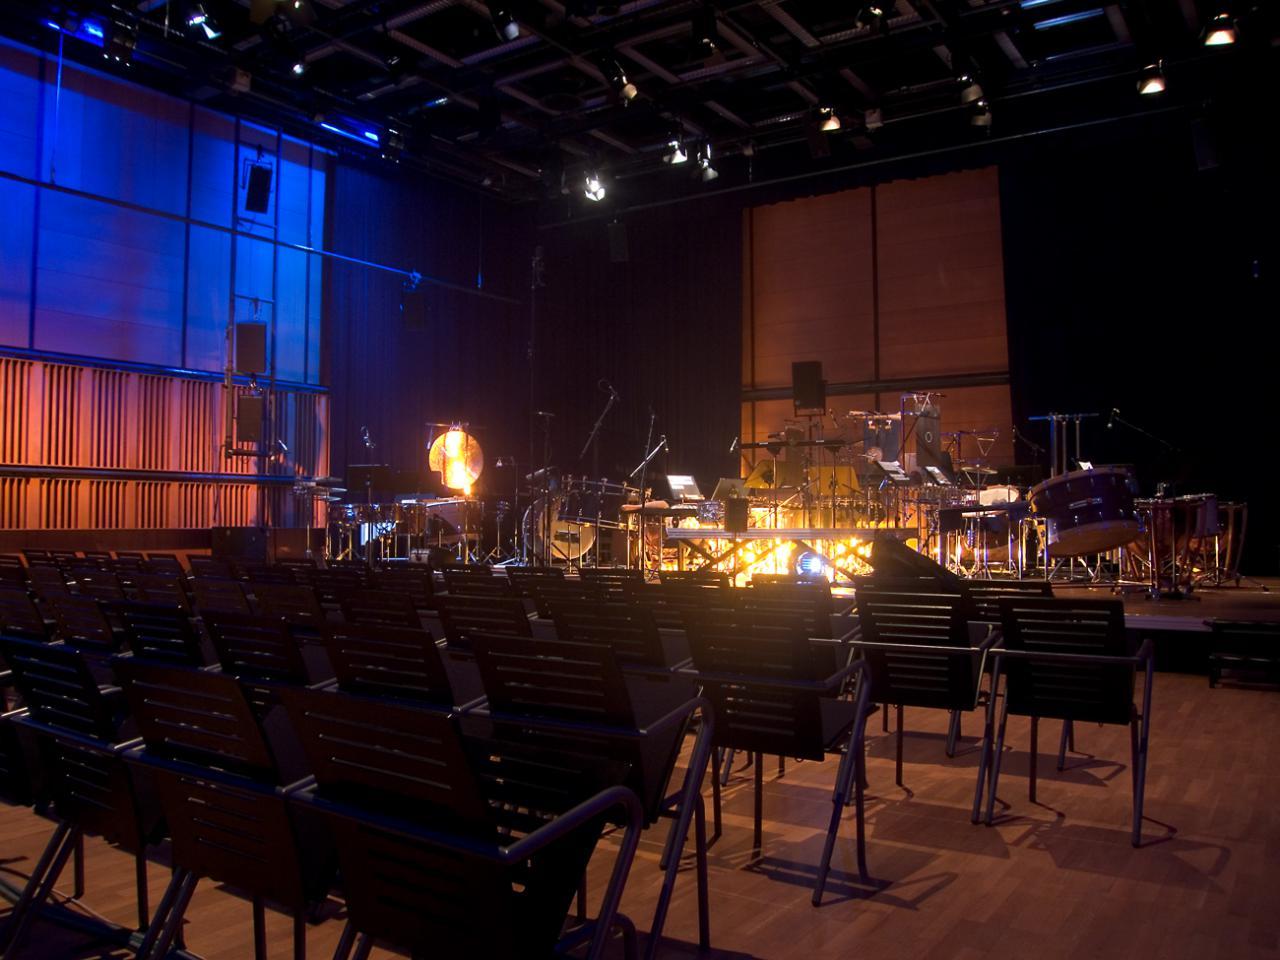 Leere Reihenbestuhlung im ZKM_Kubus mit Orchesteraufbau auf der Bühne